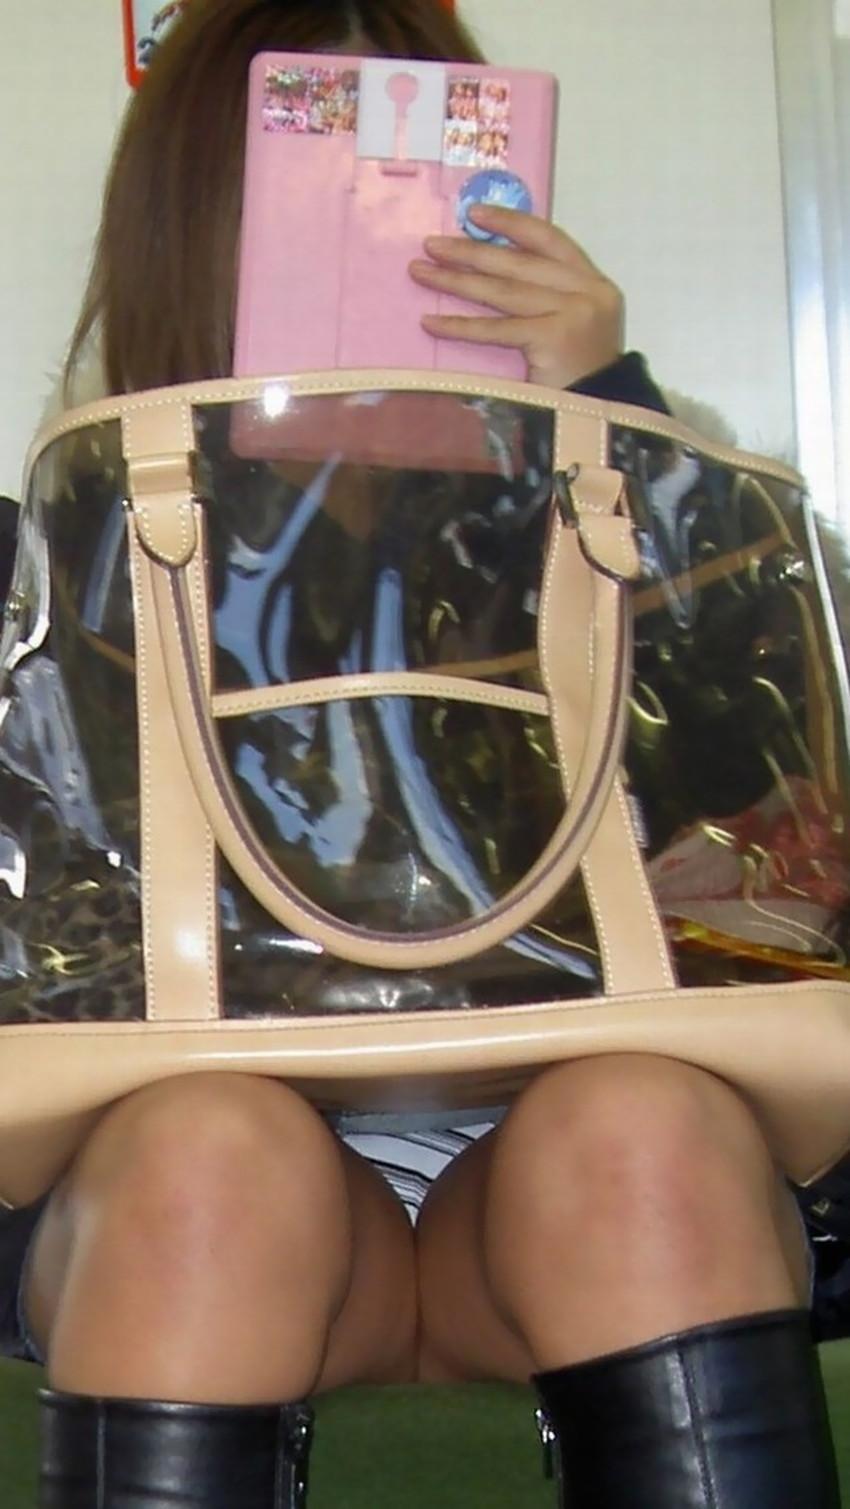 【電車内パンチラエロ画像】辛い満員電車の中のオアシス電車内パンチラ!スーツOLや制服JKのデルタゾーンからパンティー見えてる電車内パンチラのエロ画像集!【80枚】 44